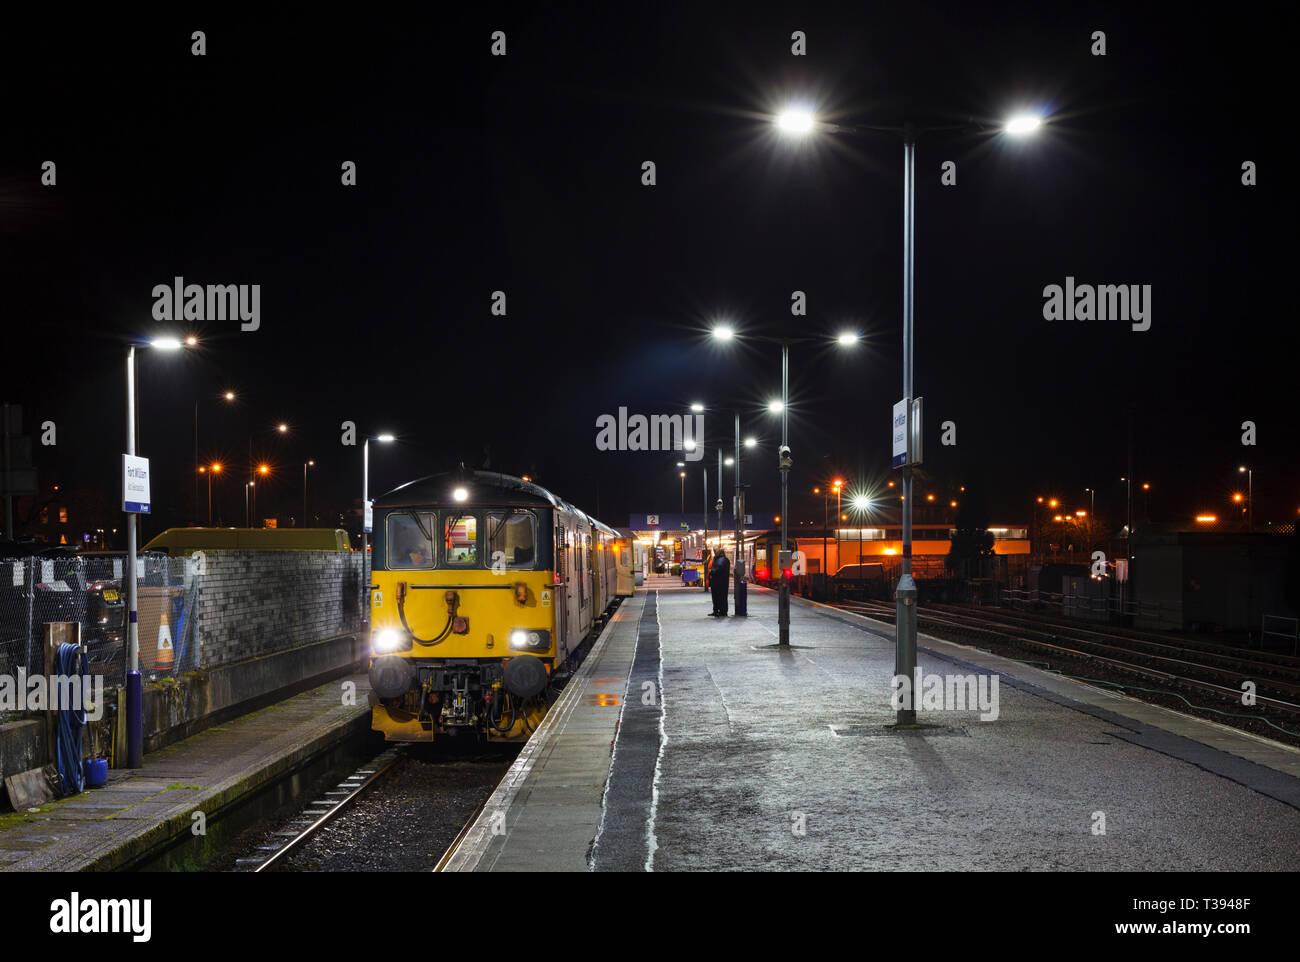 Overnight Sleeper Train Stock Photos Overnight Sleeper